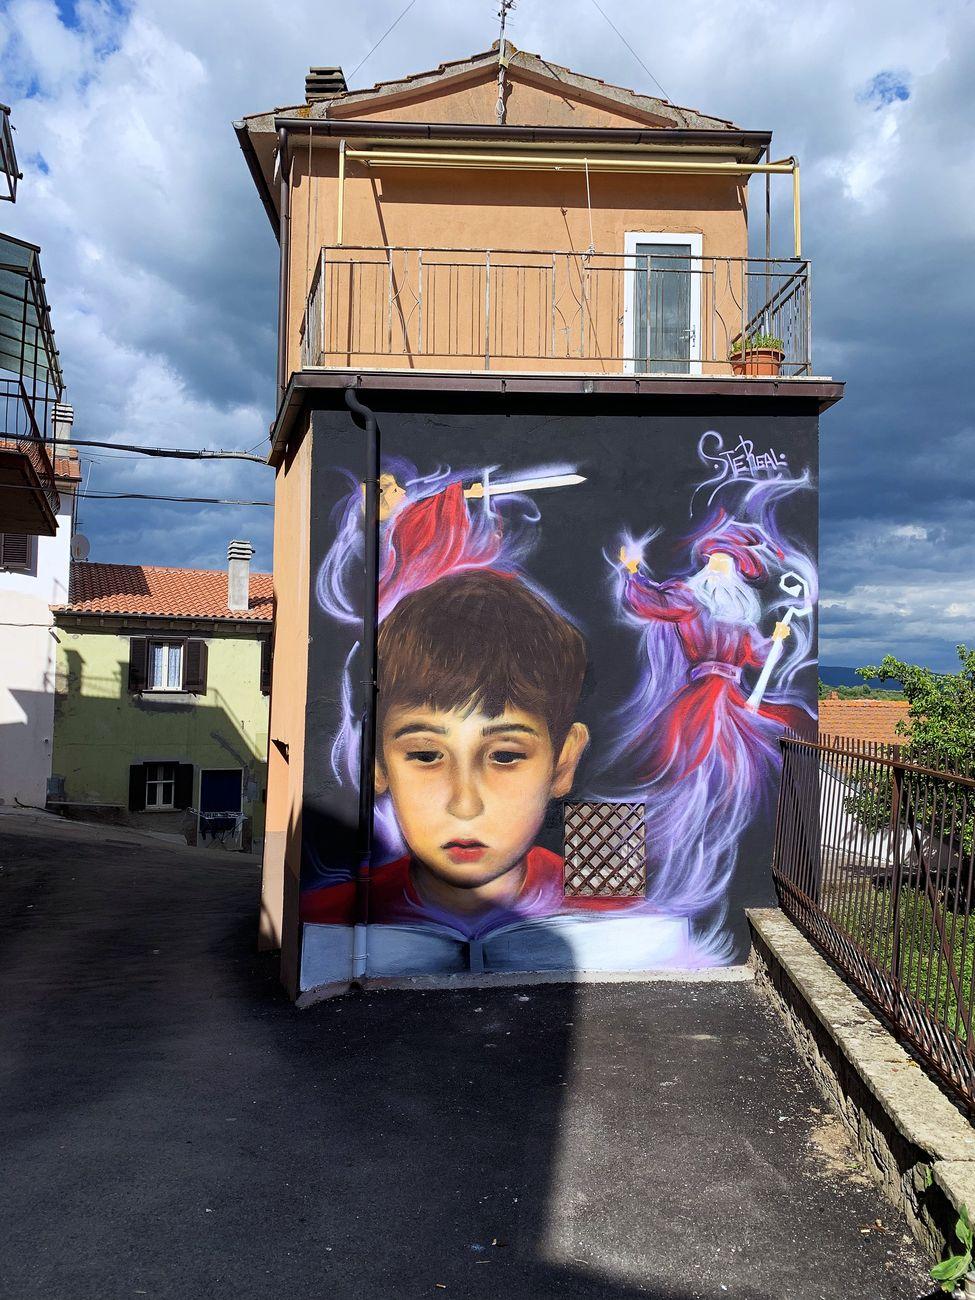 SteReal, La spada nella roccia, Sant'Angelo, VT, maggio 2019